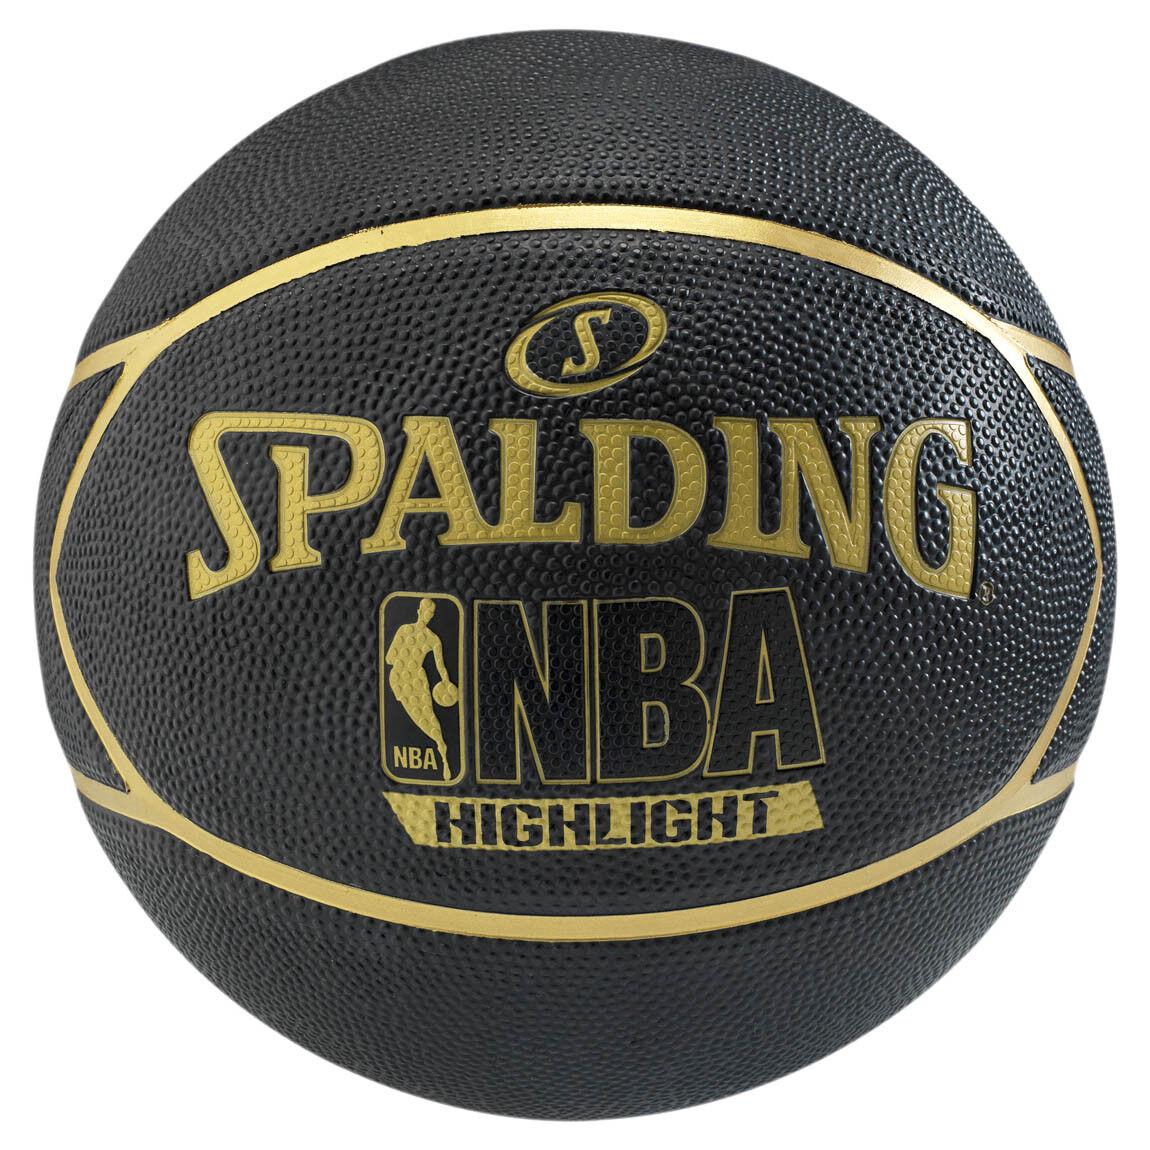 Spalding Basketball NBA Highlight Outdoor Streetbasketball schwarz/gold Größe 7